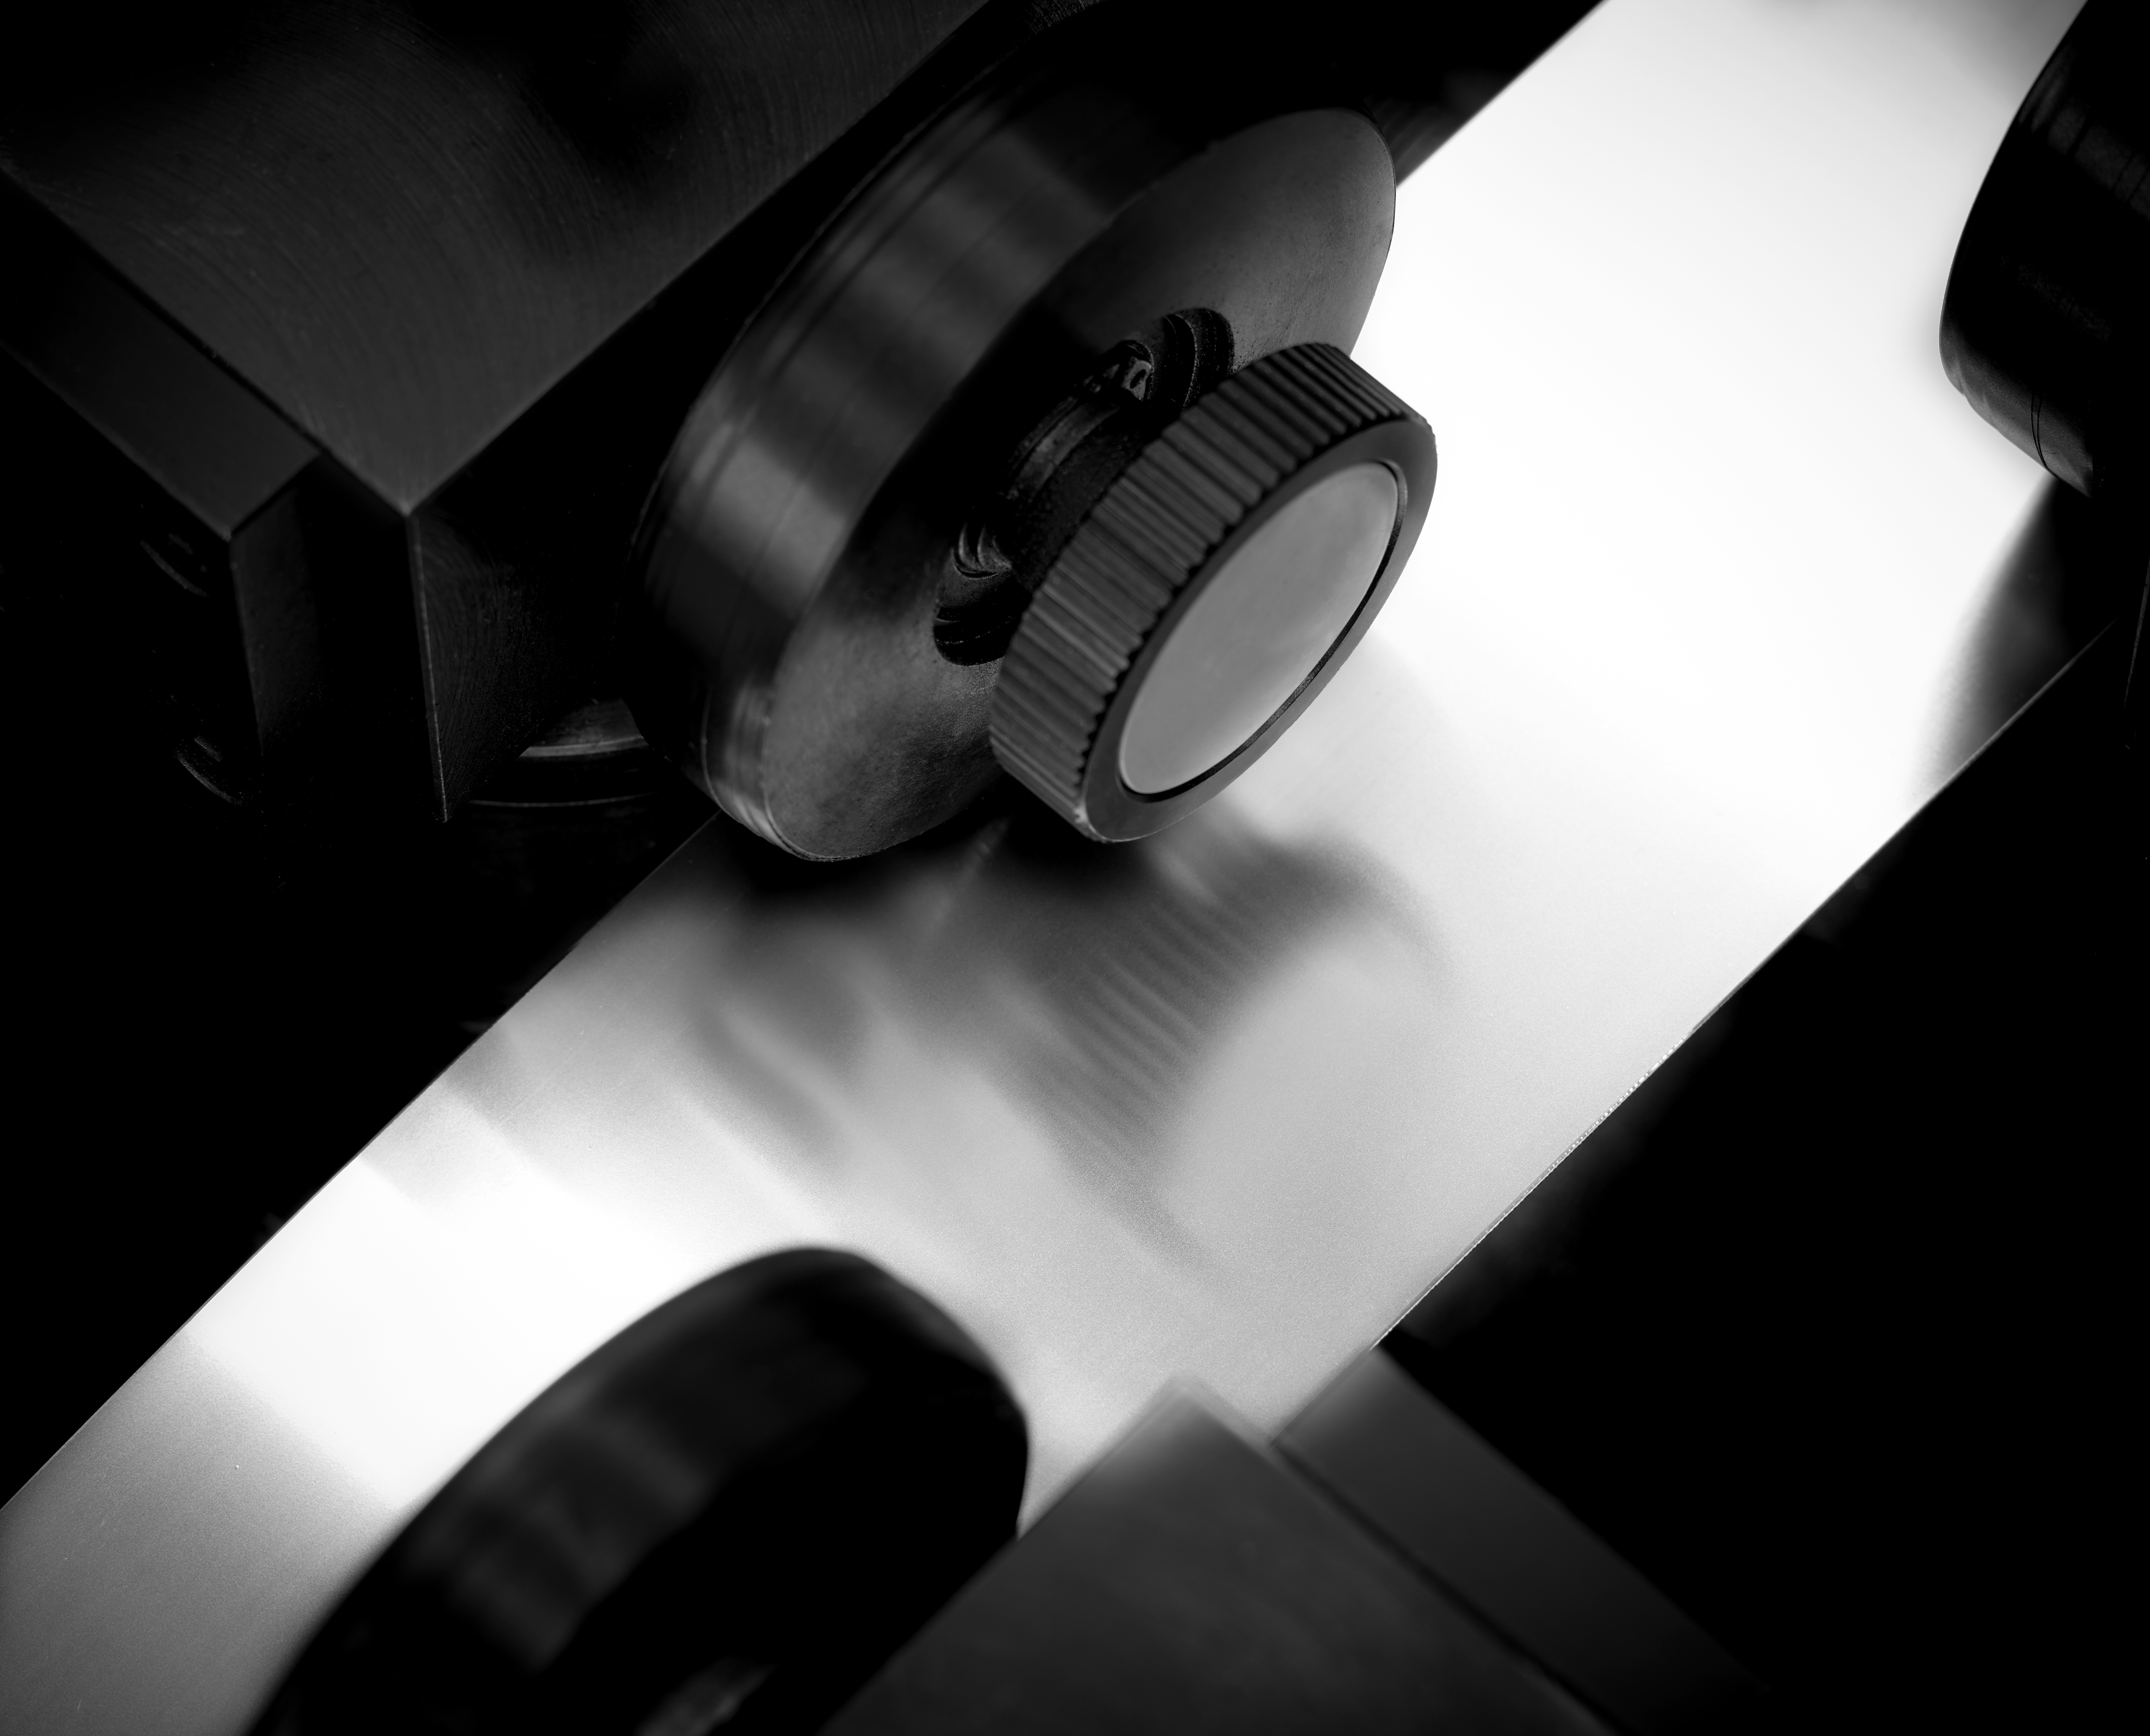 acciaio per coltelli materiale per coltelli materiale per coltellinai materiali per coltelleria milano acciaio per seghe lamelle metalliche tranciatura fine tranciatura metalli acciaio per pettini rakle lavorazione acciaio inox milano